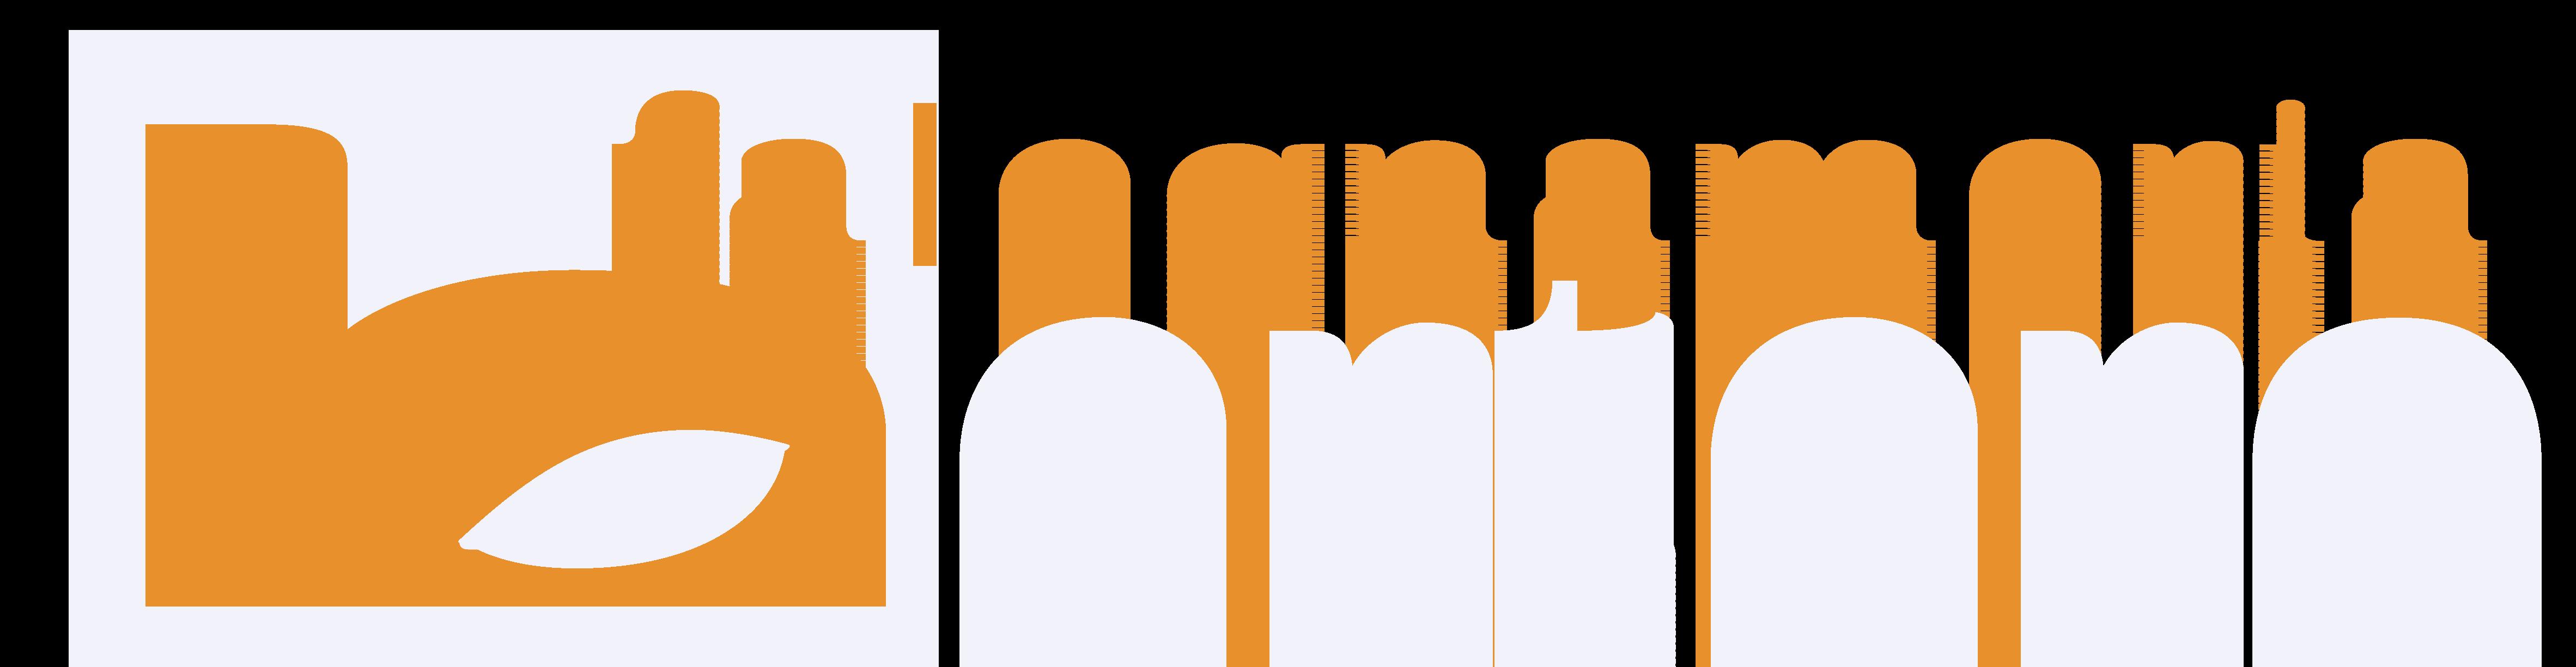 Bertero